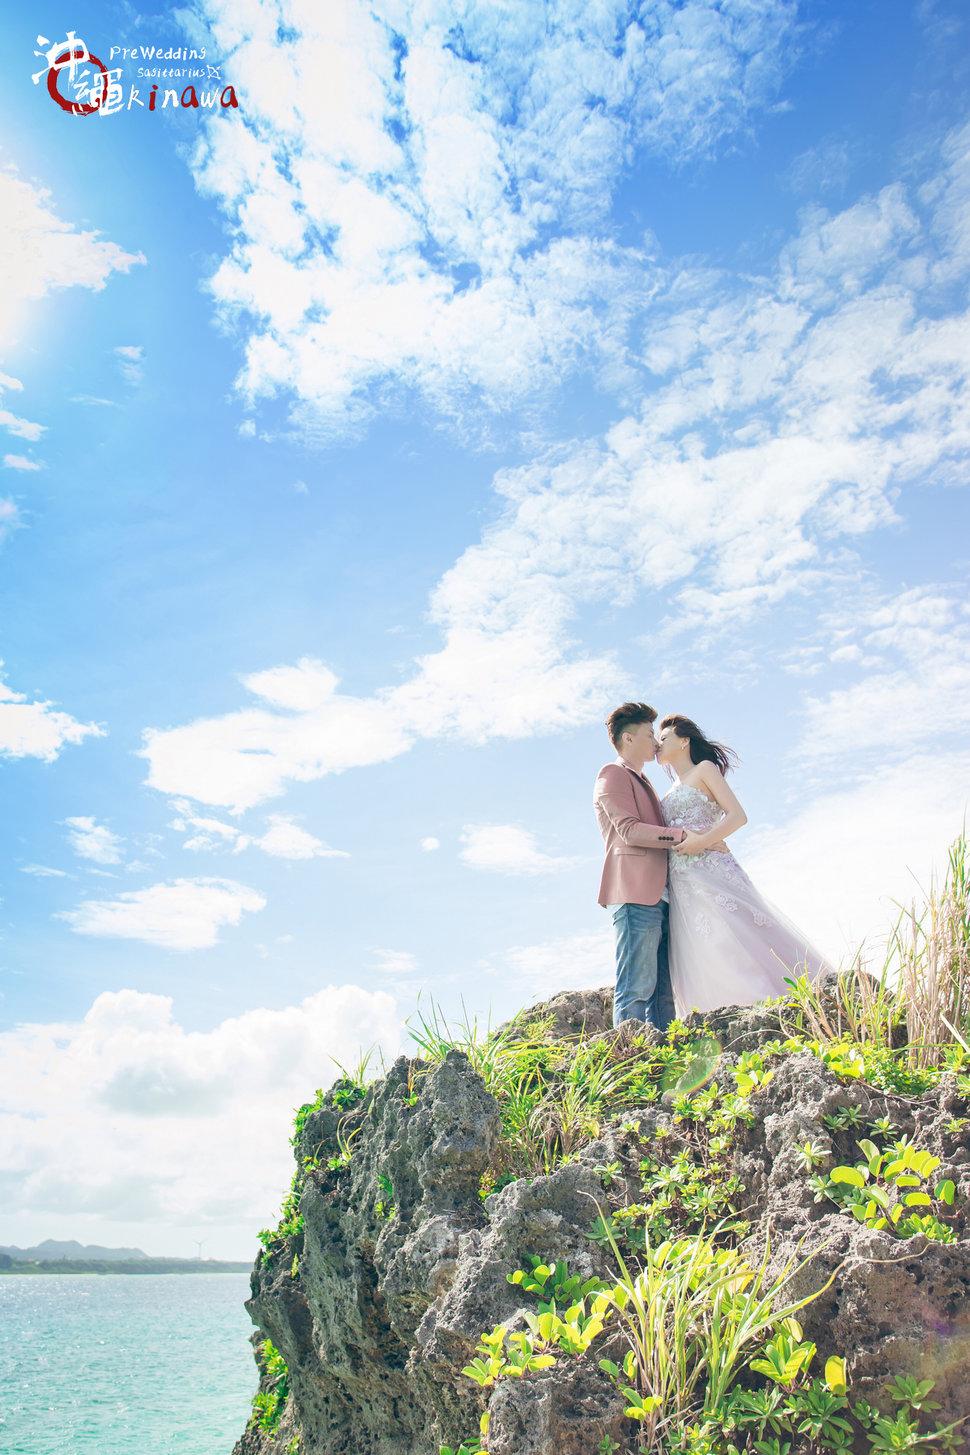 嘉麟 & 胤芳 Overseas Pre Wedding For Okinawa 沖繩海外婚紗(編號:551926) - 射手的天空 / 海外婚紗 婚禮